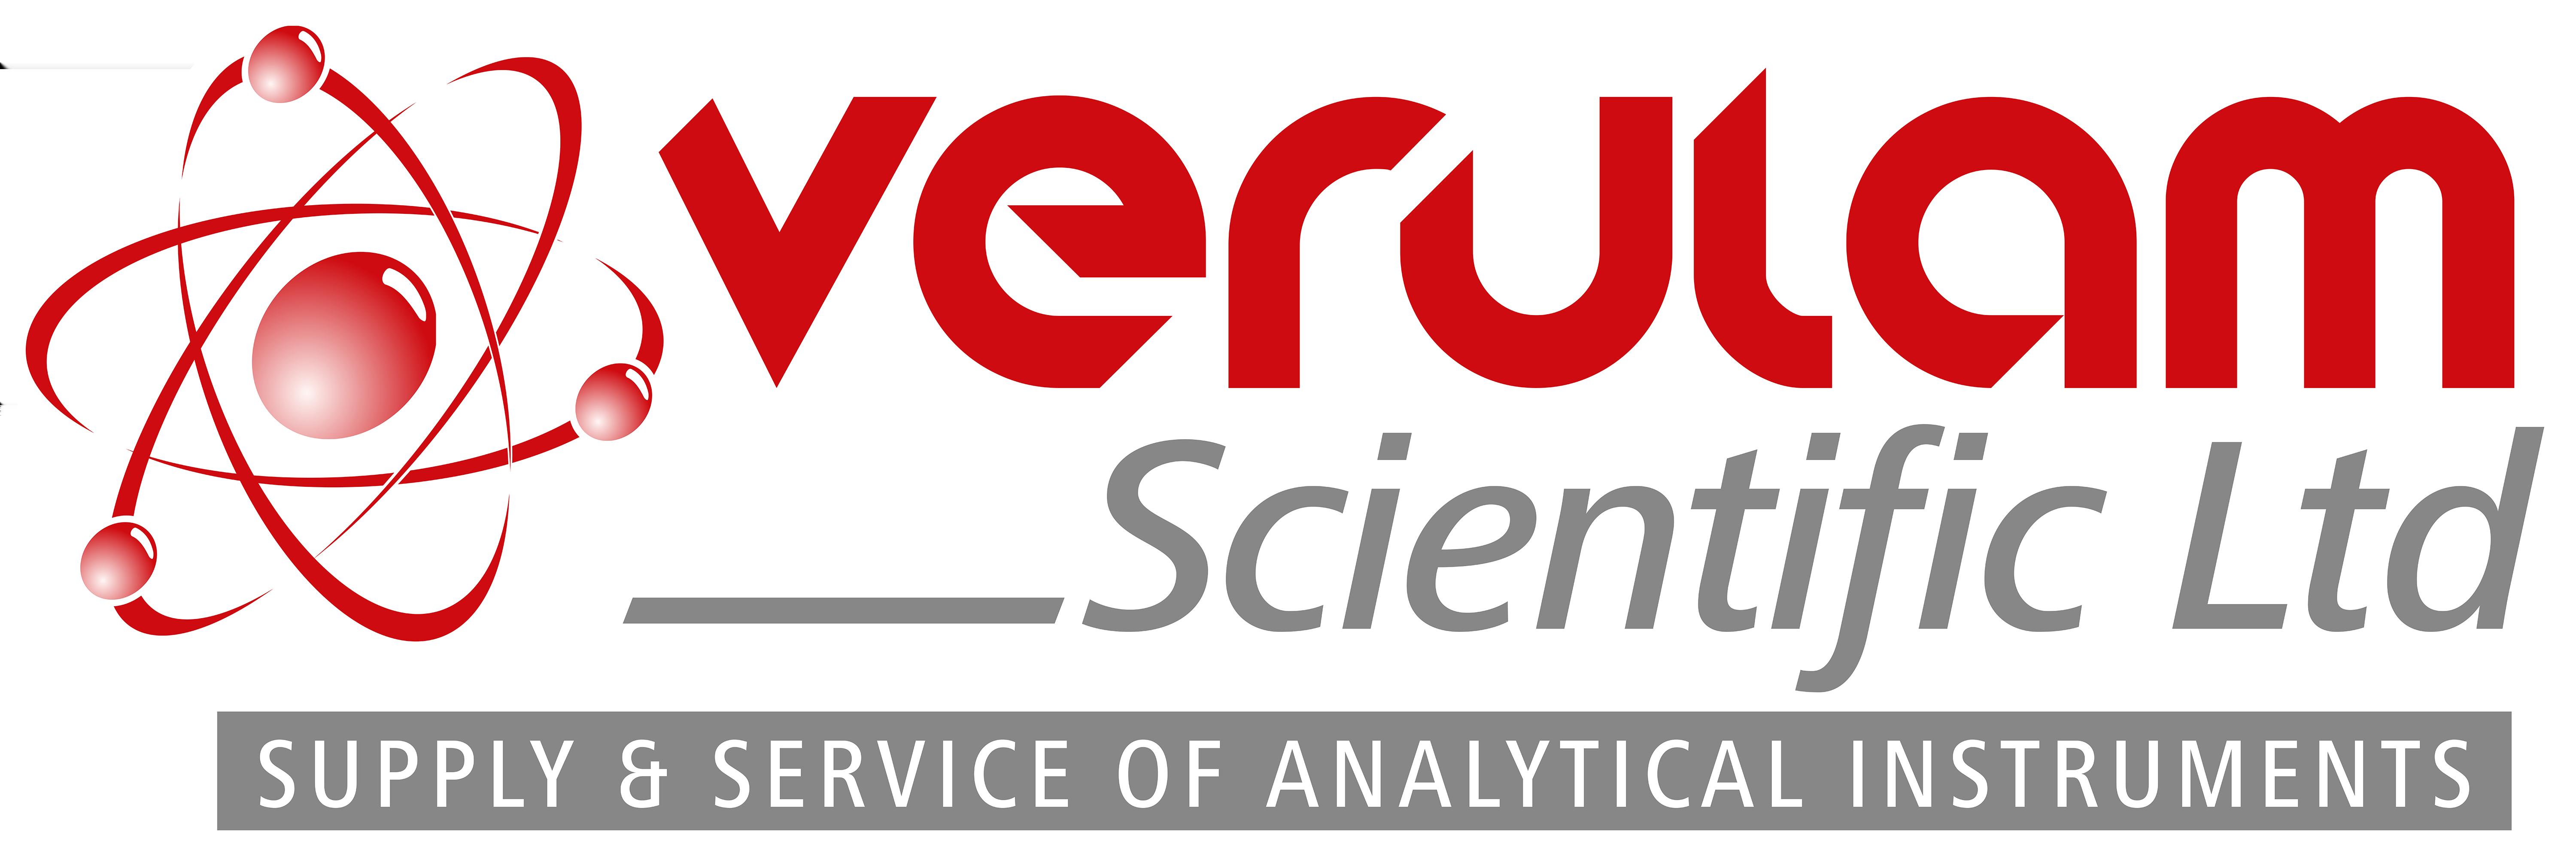 https://verulamscientific.com/wp-content/uploads/2021/09/Verulam-Scientific-Logo-White-Stroke.png